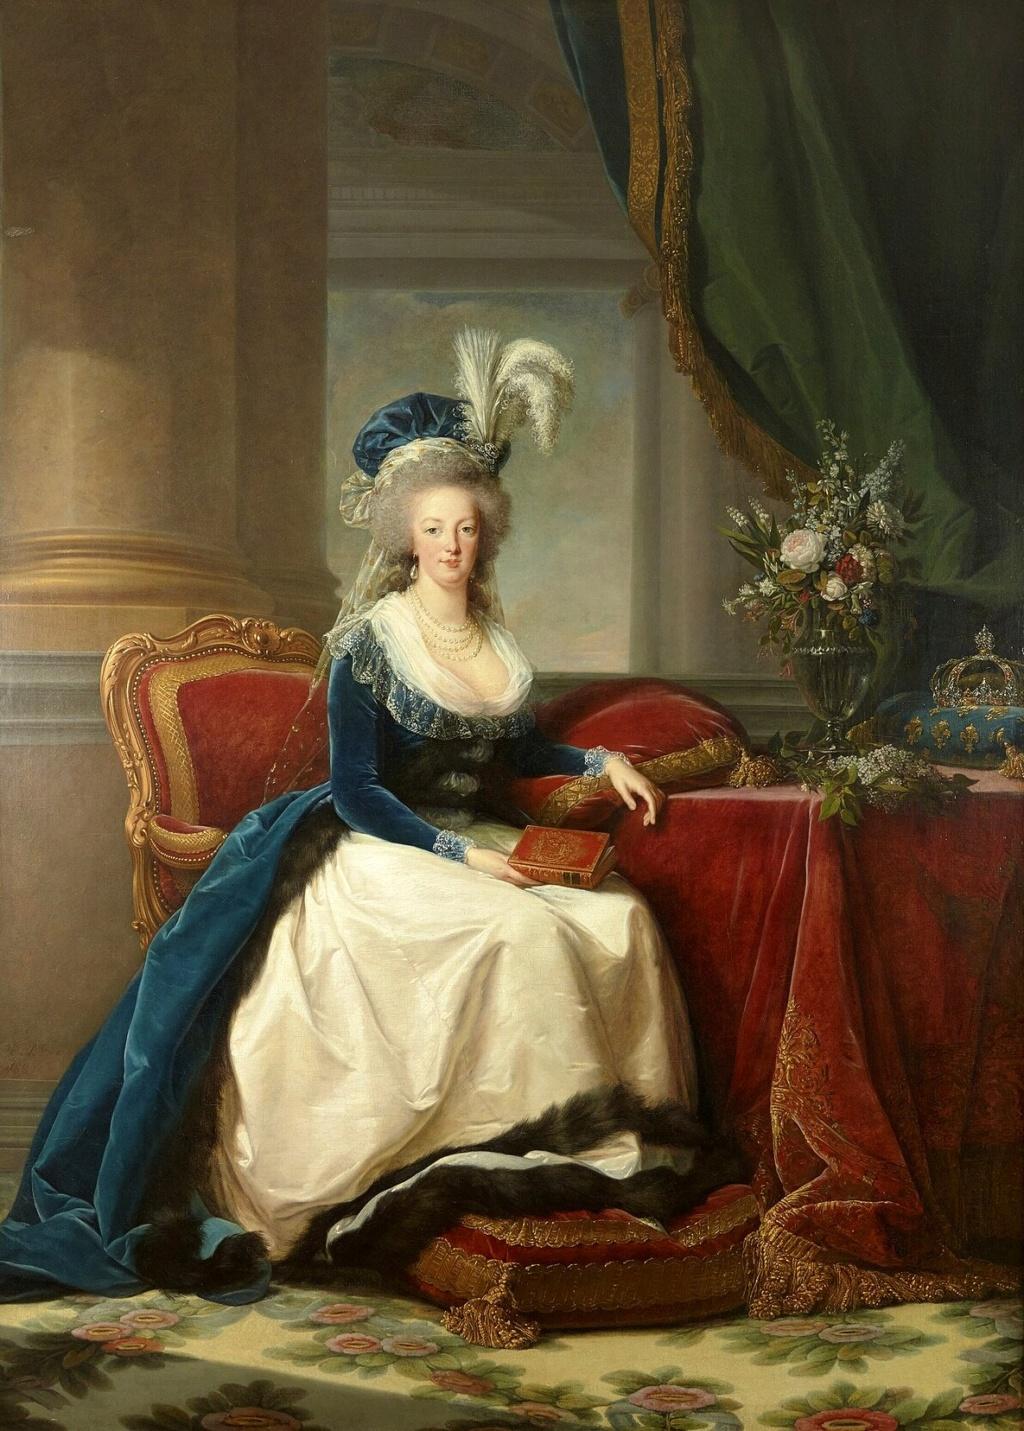 La mode et les vêtements au XVIIIe siècle  - Page 8 Portra45